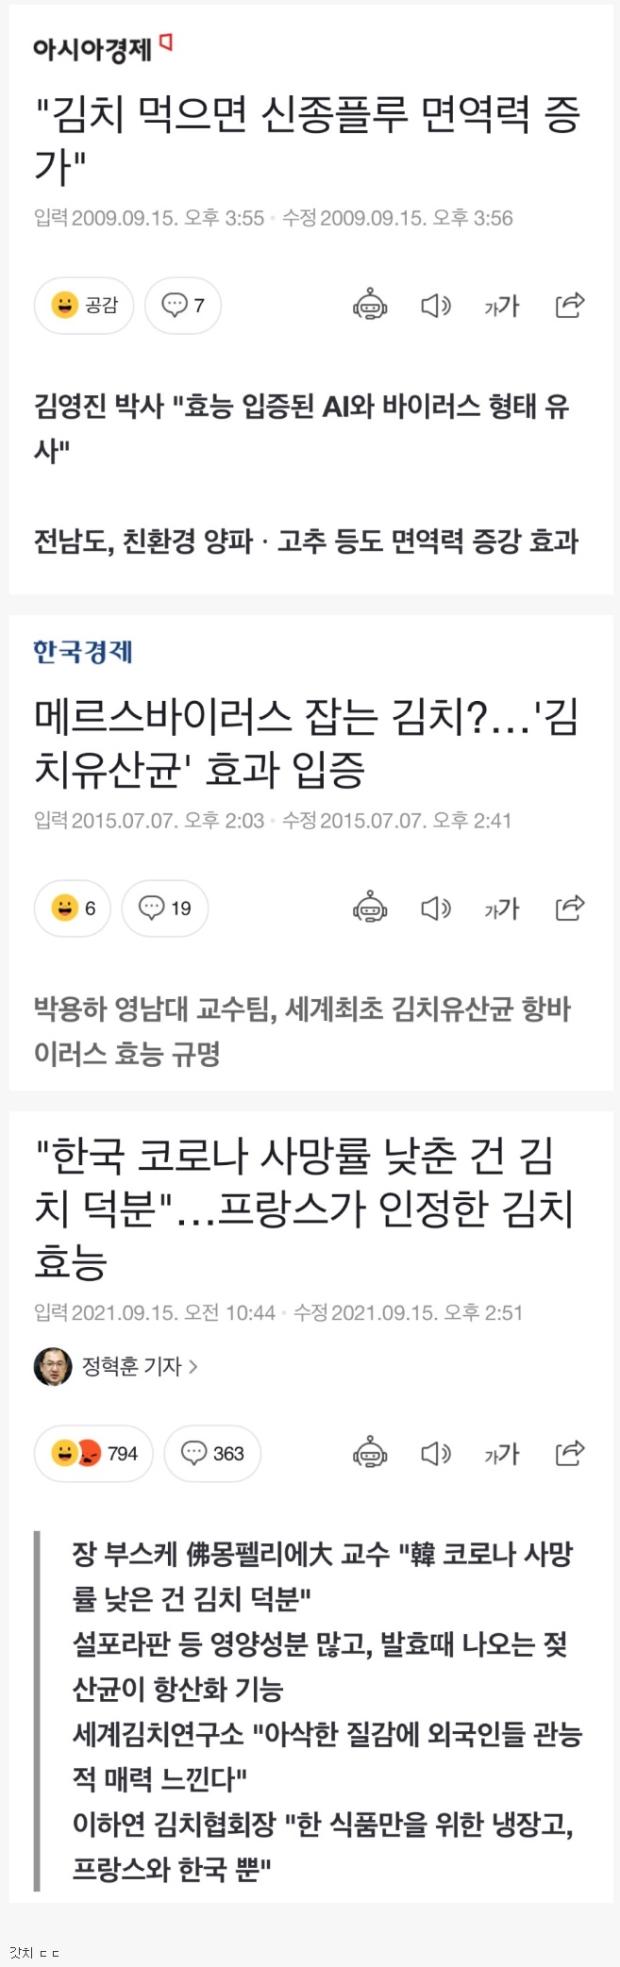 어메이징 김치